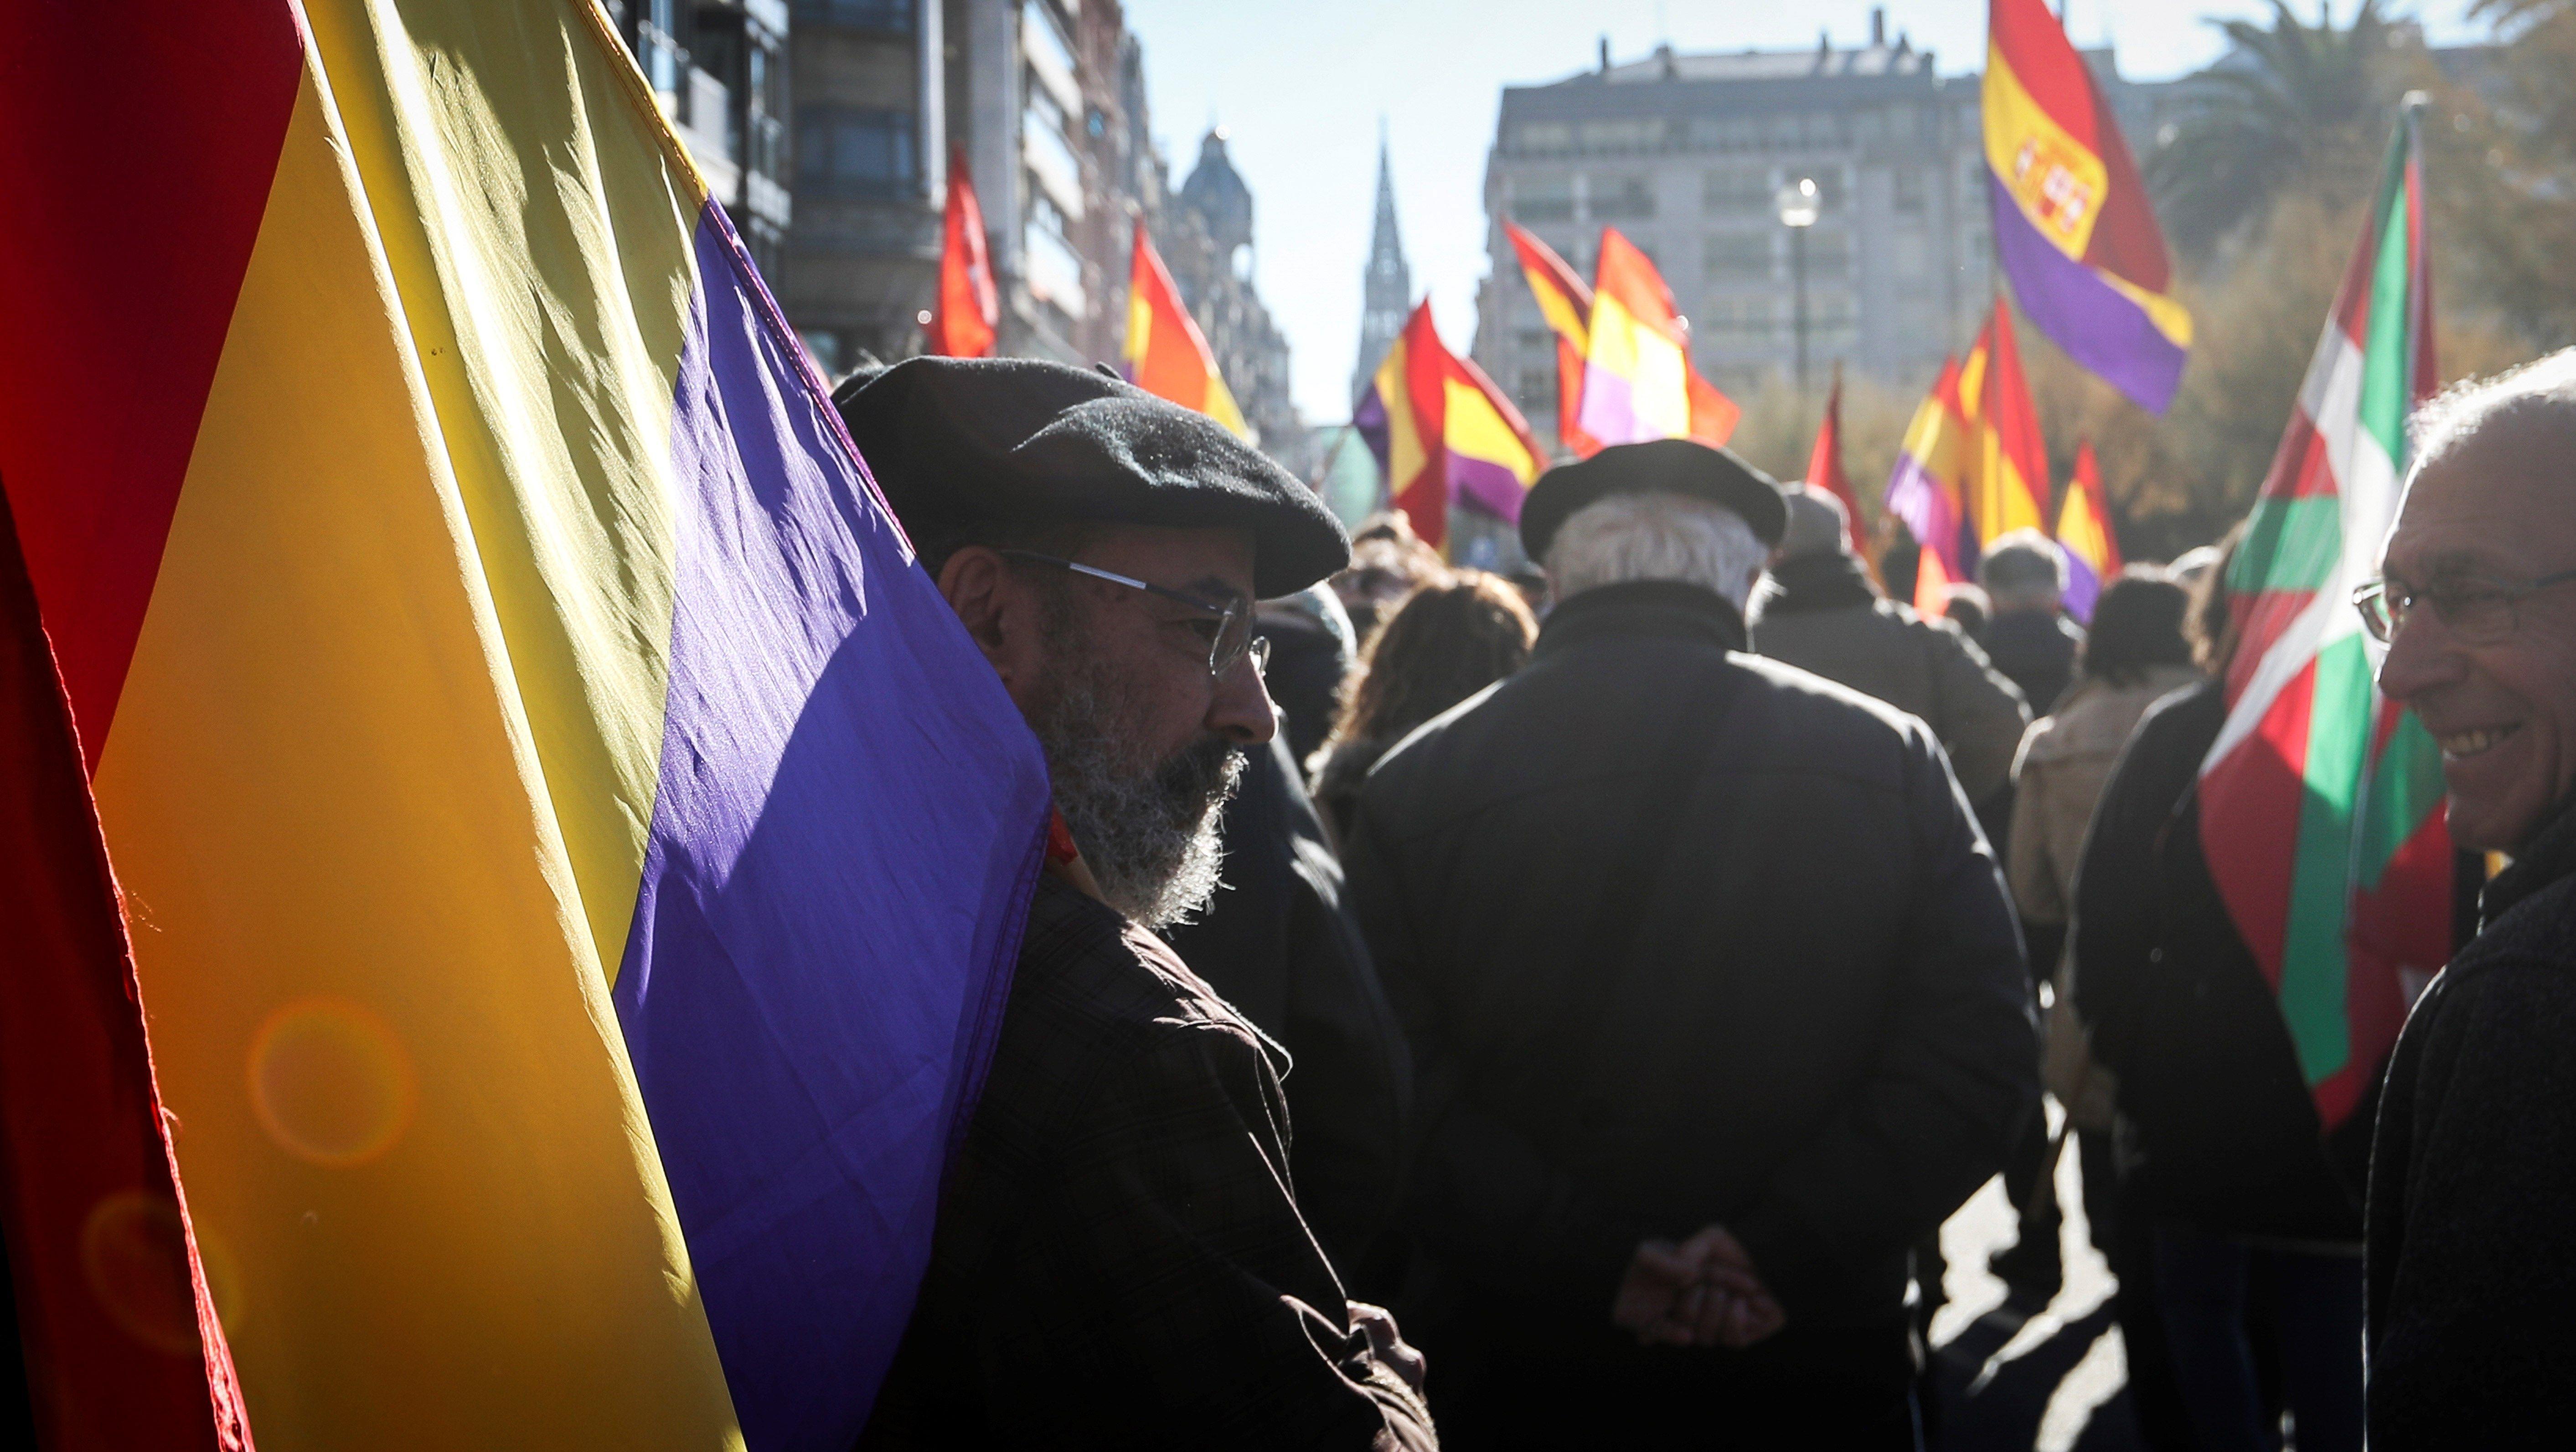 """Una manifestació convocada per les associacions republicanes d'Euskadi a favor de la República i per """"reclamar una nova Constitució"""", recorre els carrers de Sant Sebastià. /JAVIER ETXEZARRETA"""